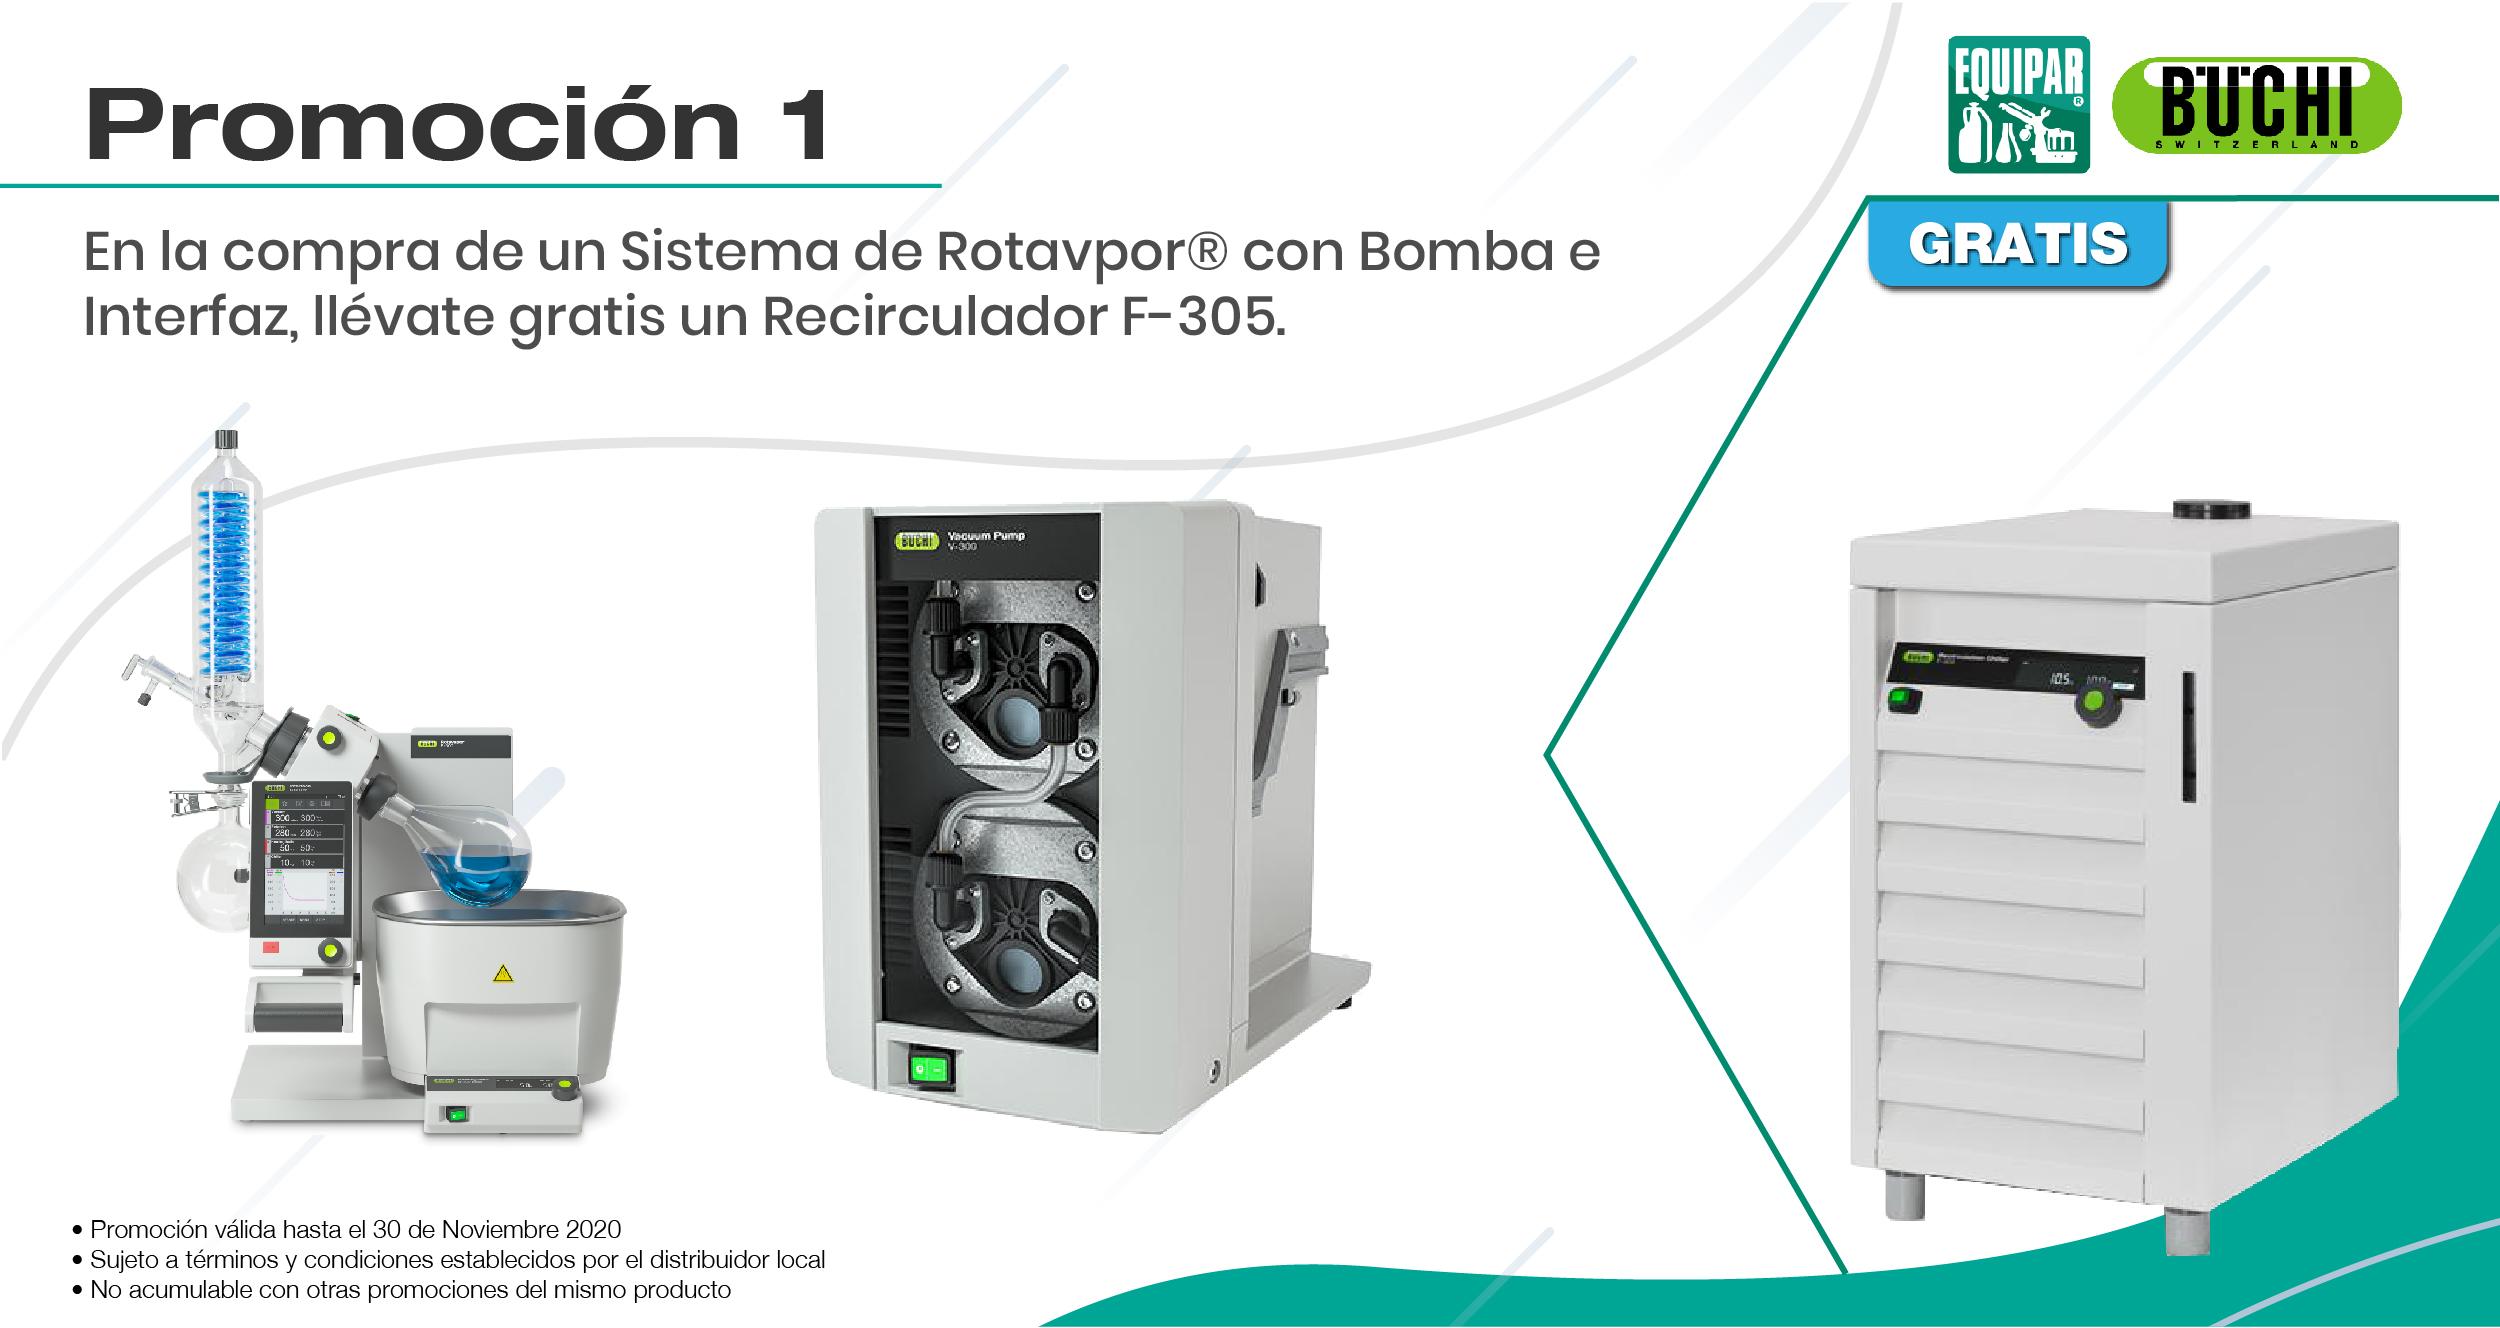 Sistema de Rotavapor con Bomba e Interfaz Image